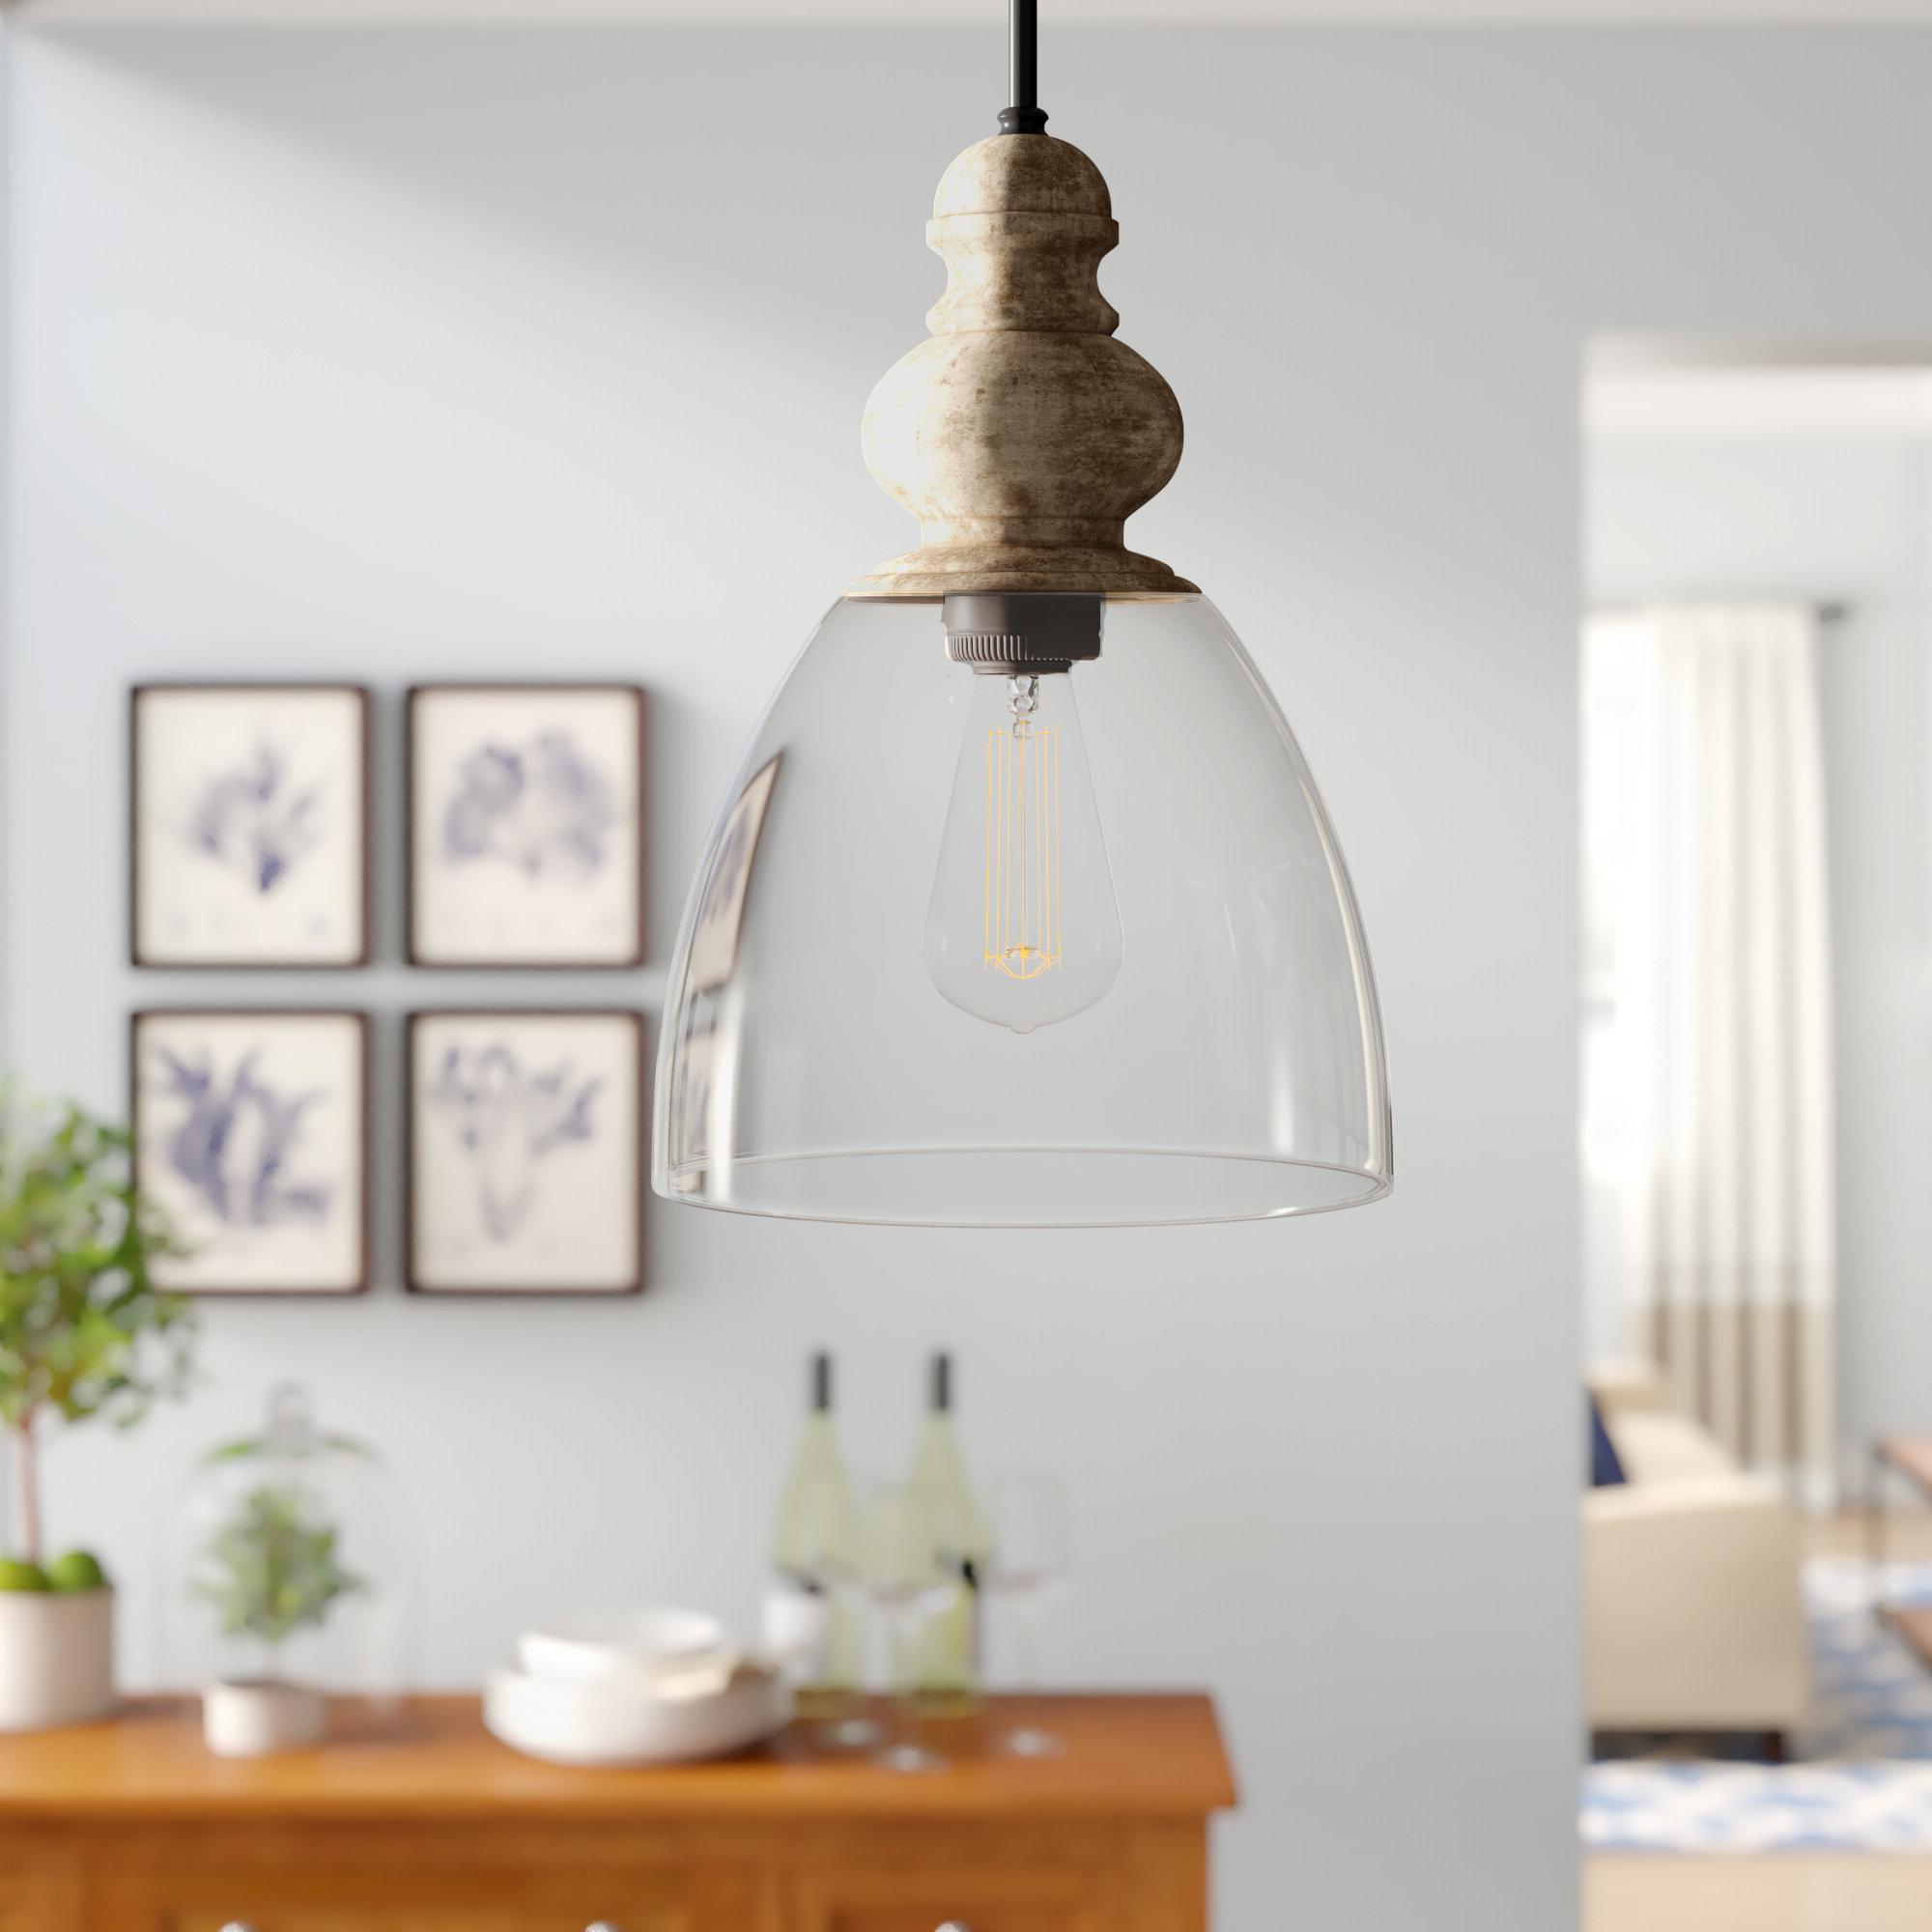 Laurel Foundry Modern Farmhouse Lemelle 1 Light Single Bell Pendant Intended For Favorite Bundaberg 1 Light Single Bell Pendants (View 12 of 20)